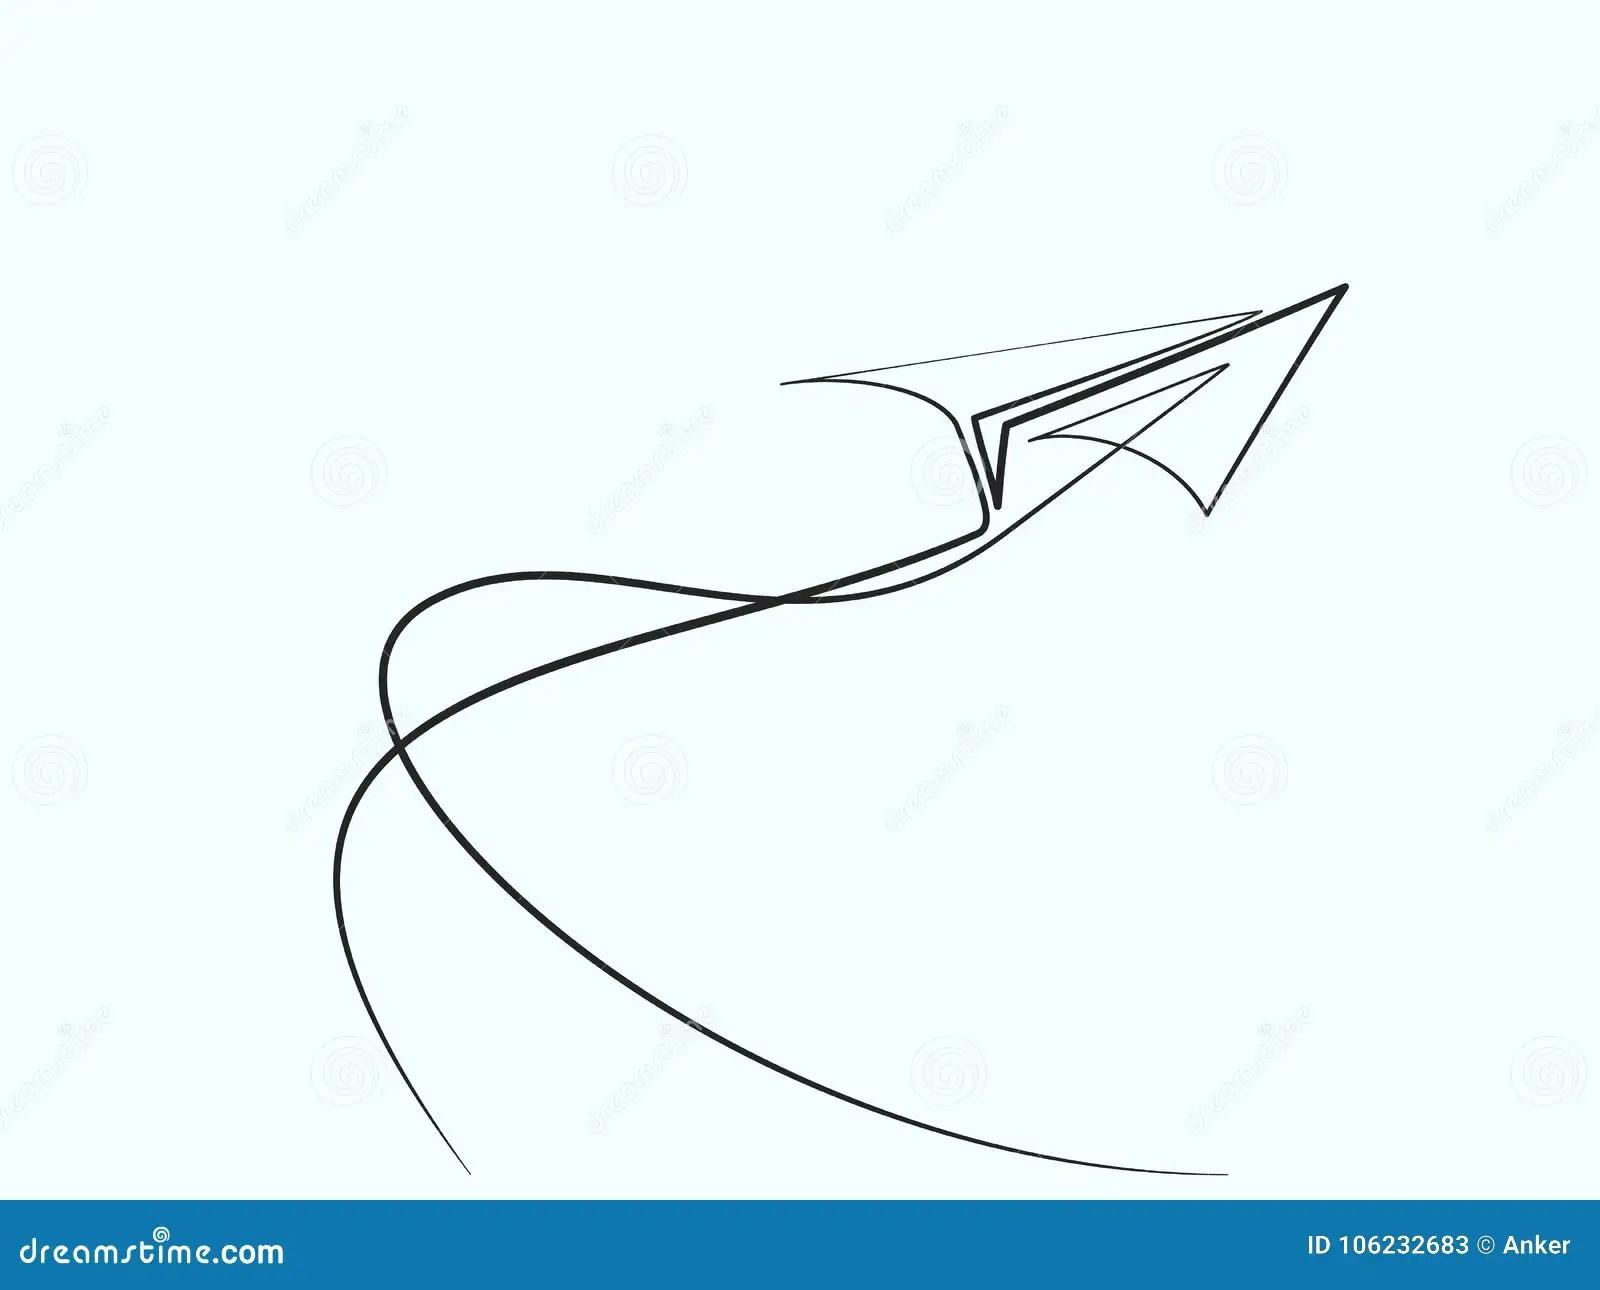 Disegno A Tratteggio Continuo Dell Aeroplano Di Carta